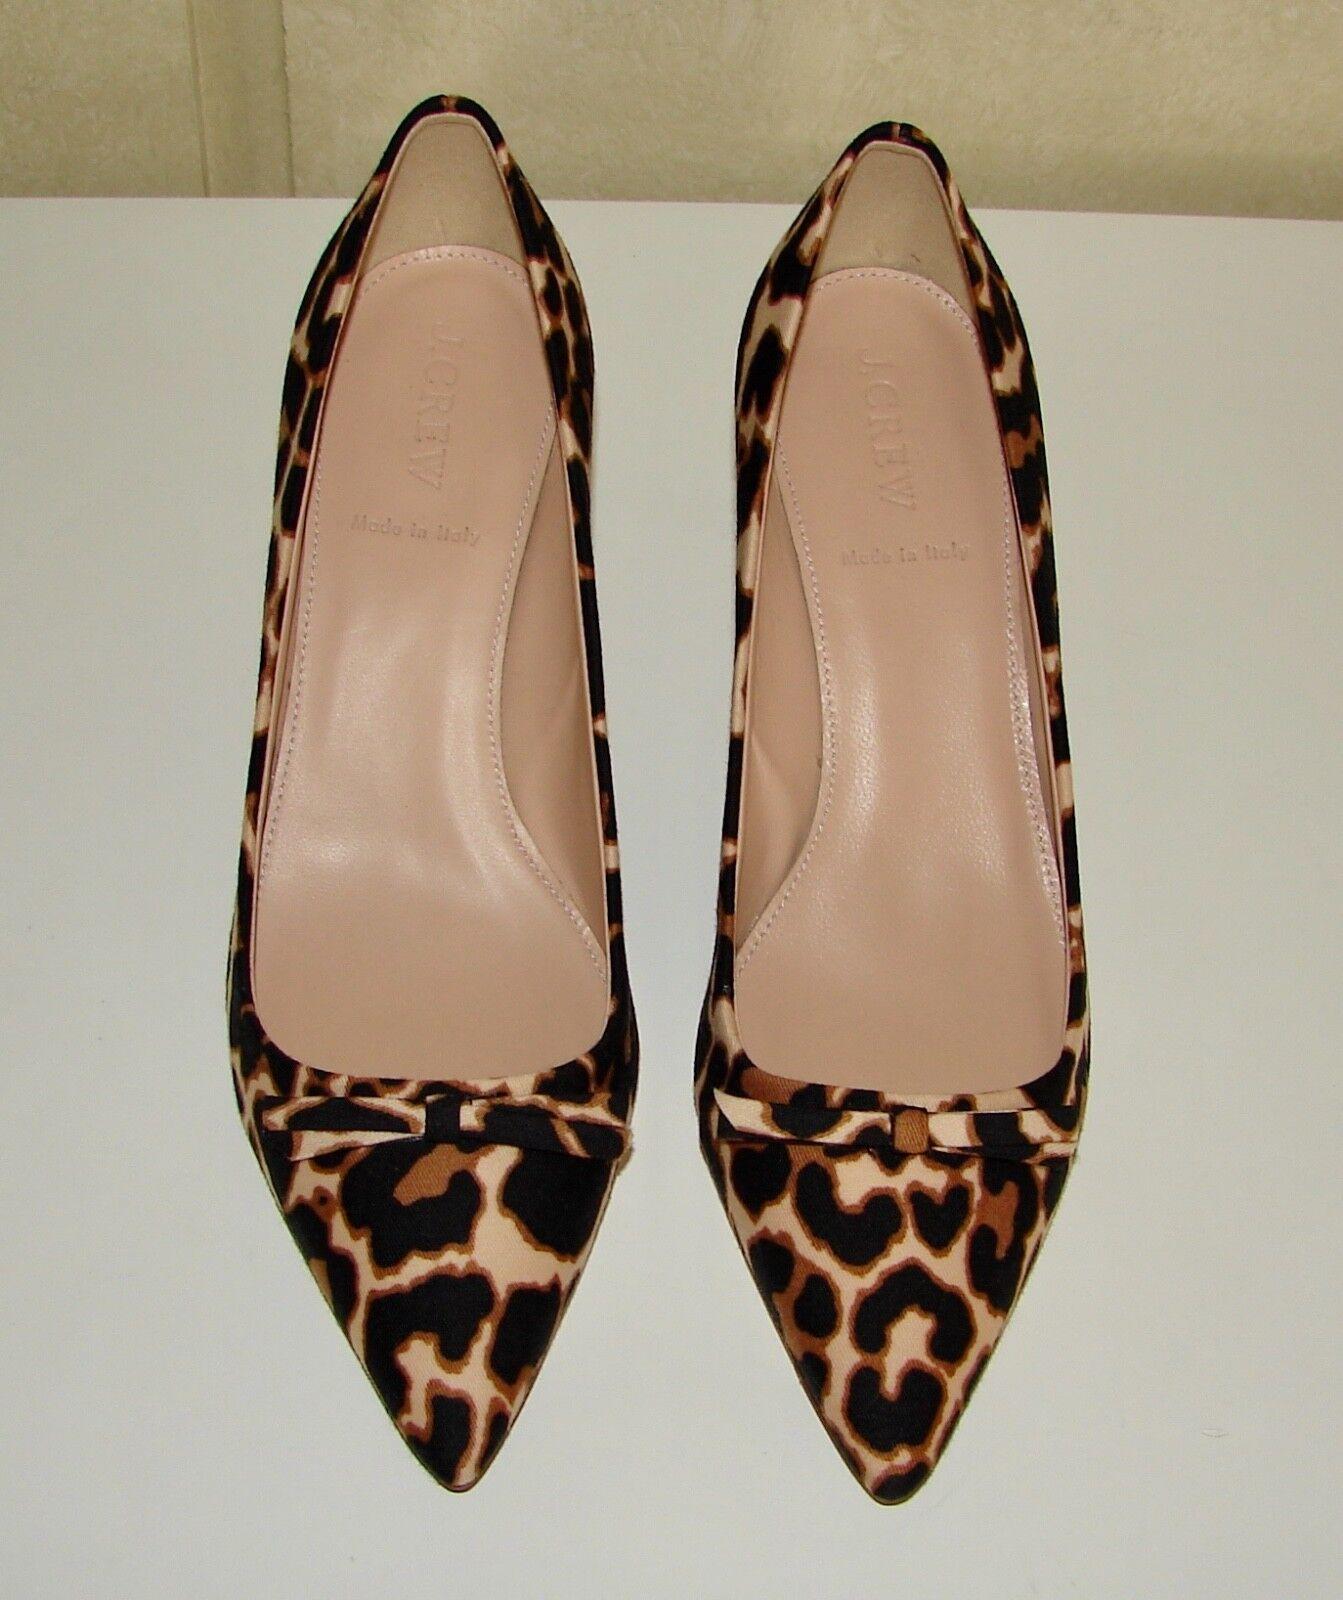 NIB J Crew sz 8 Dulci vivid leopard fabric kitten heel pumps w bow  E4536